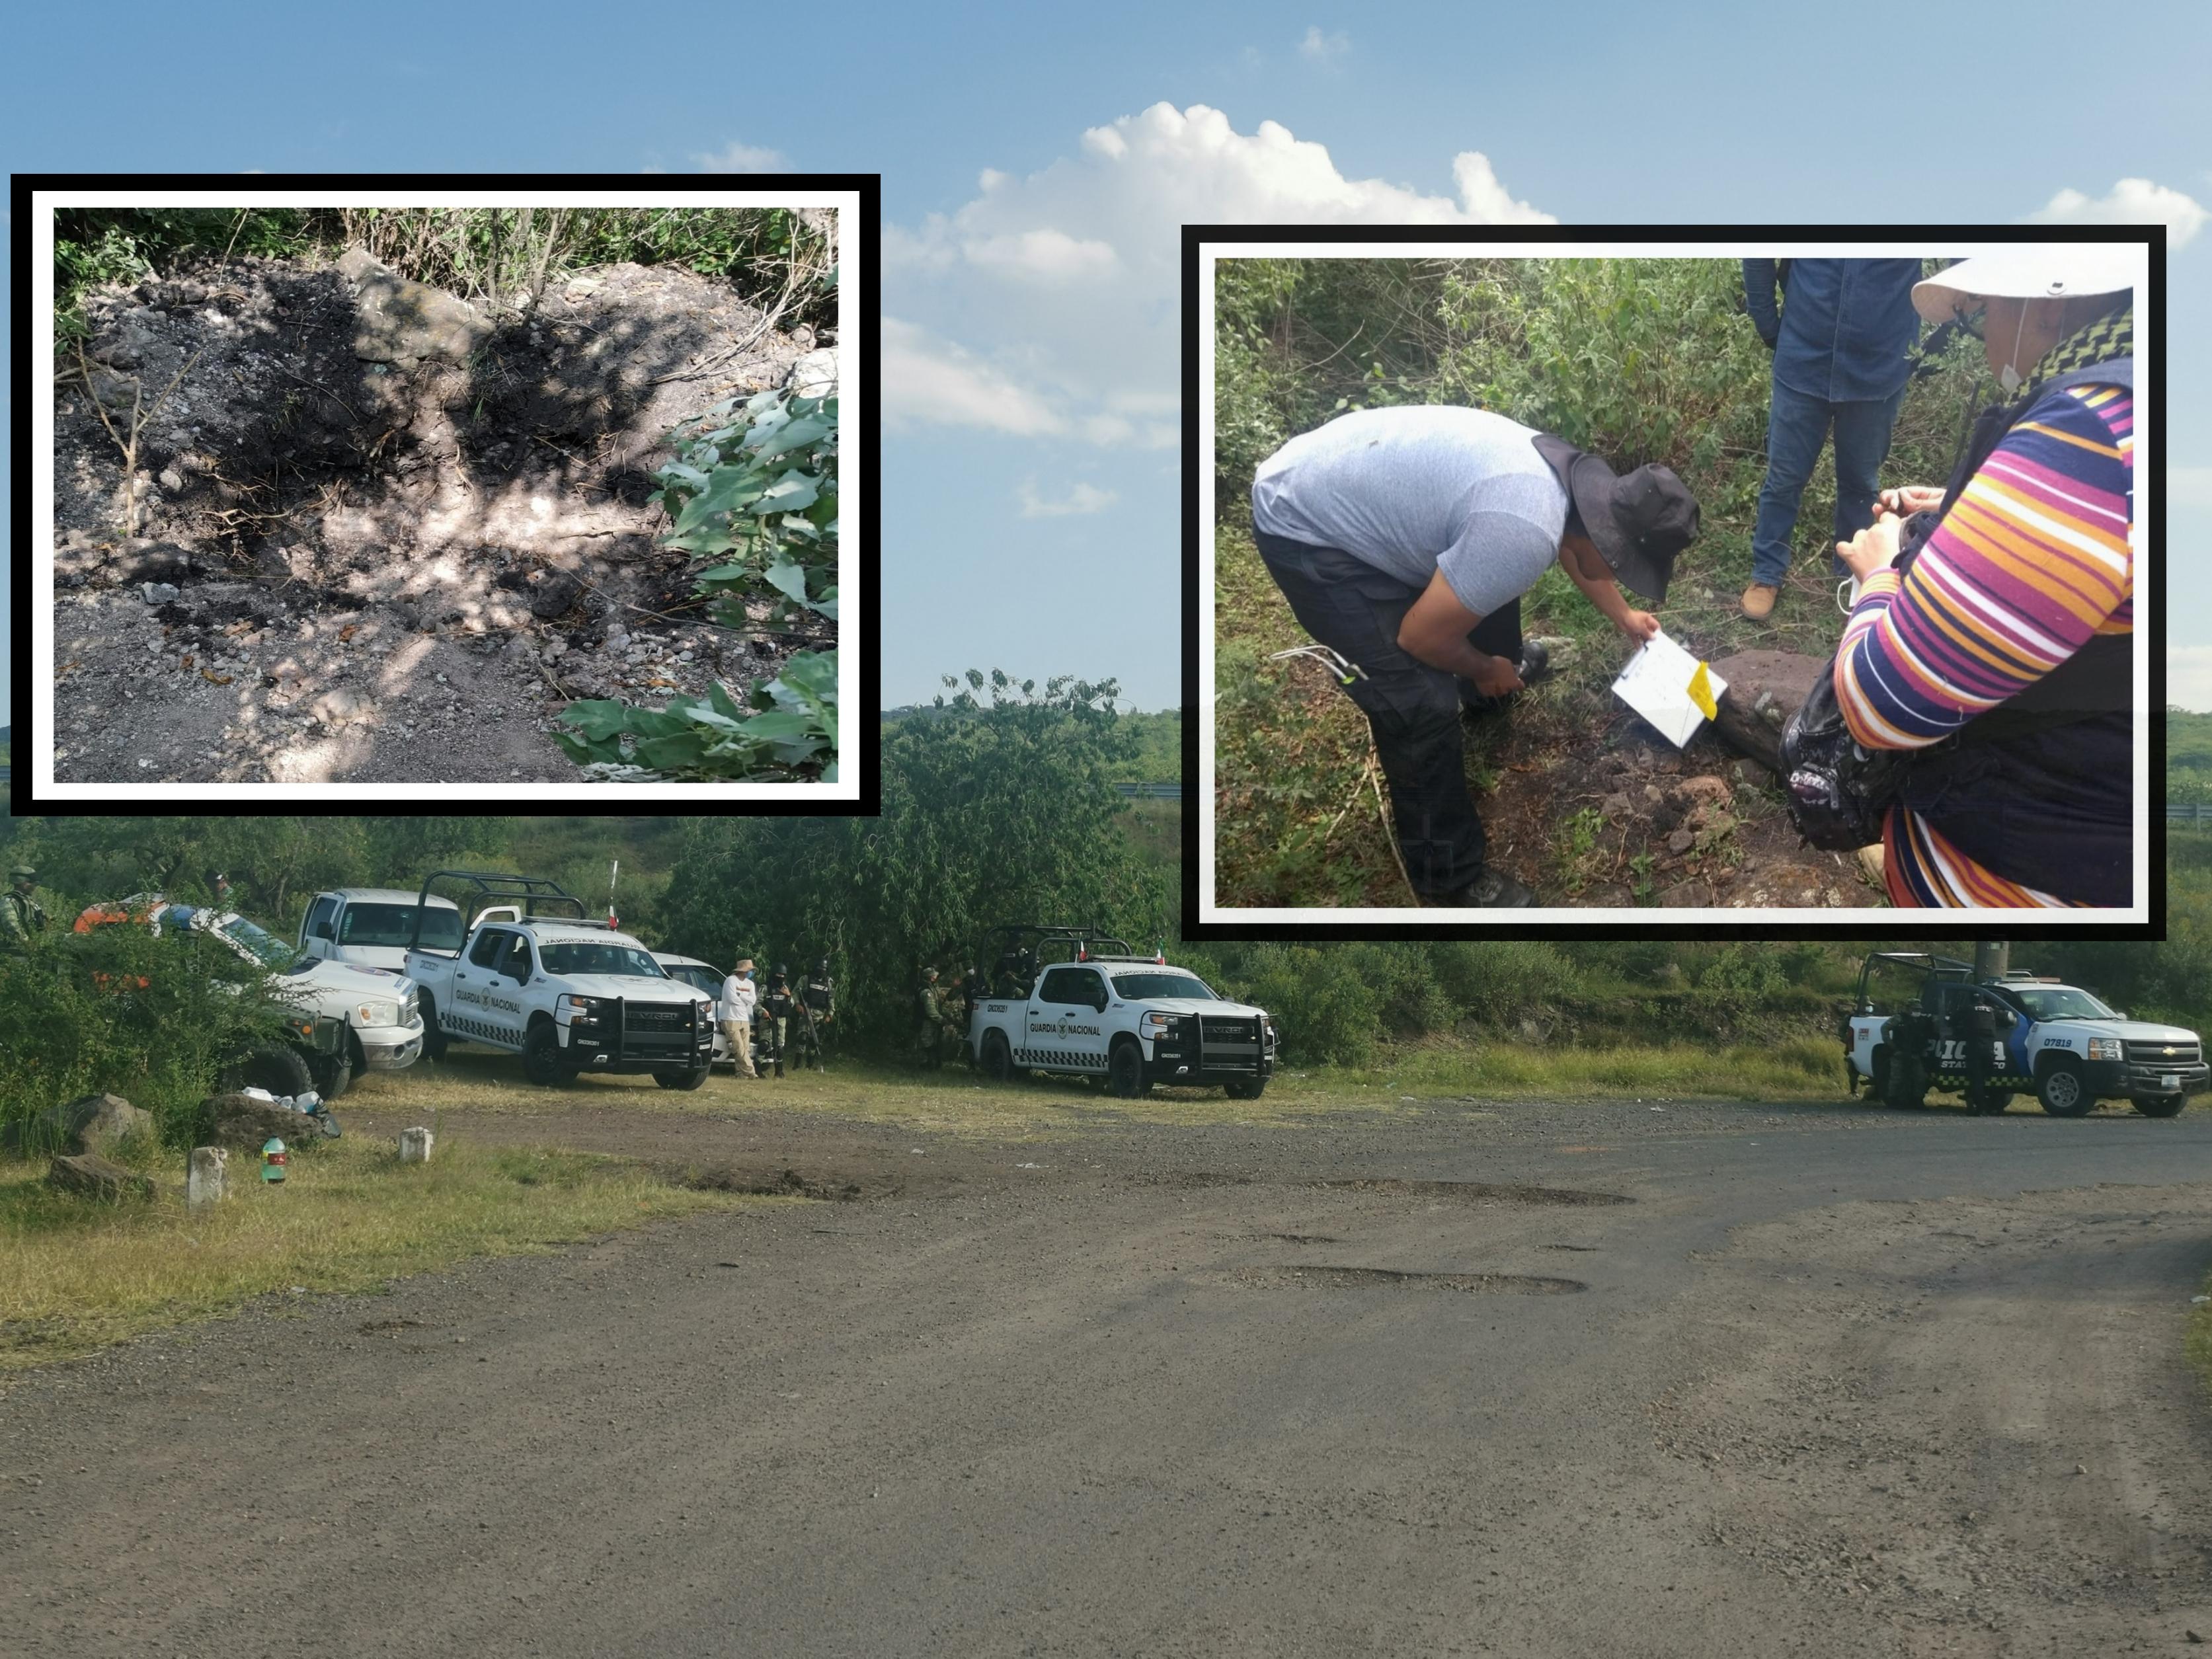 Seis puntos con restos óseos localizados en la zona de la presa El Conejo 1